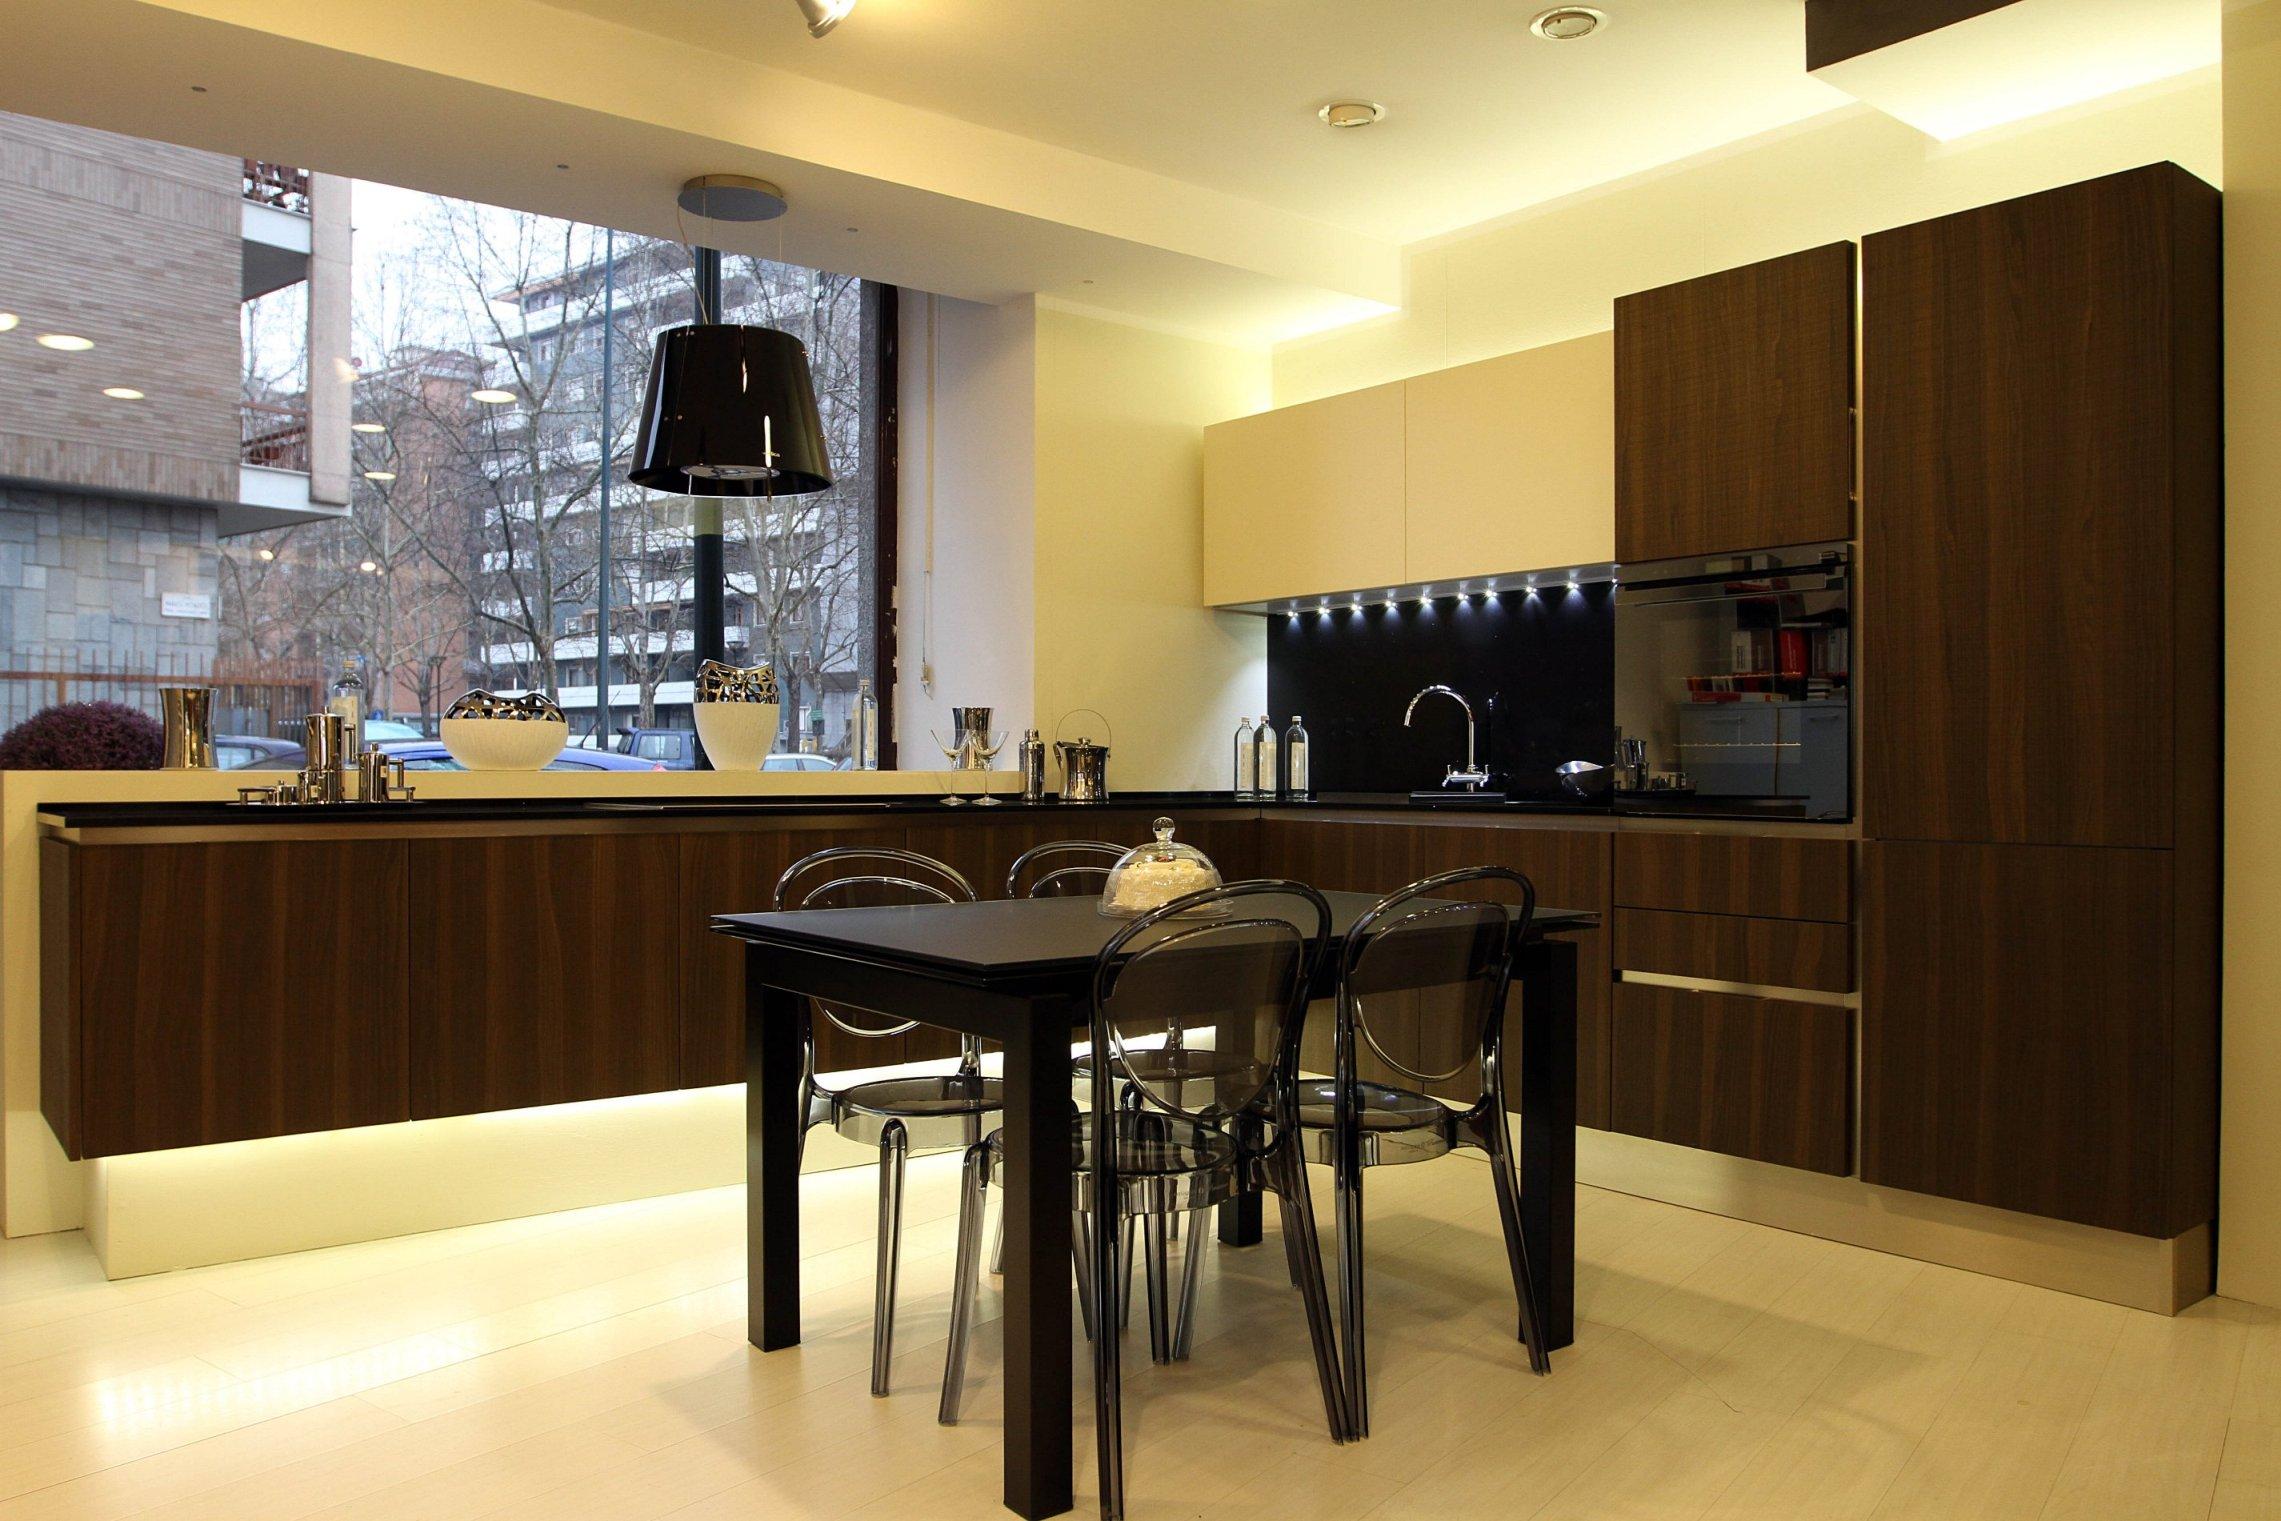 EXTRA GO | C&C Cucine & Cucine ArredamentiC&C Cucine ...